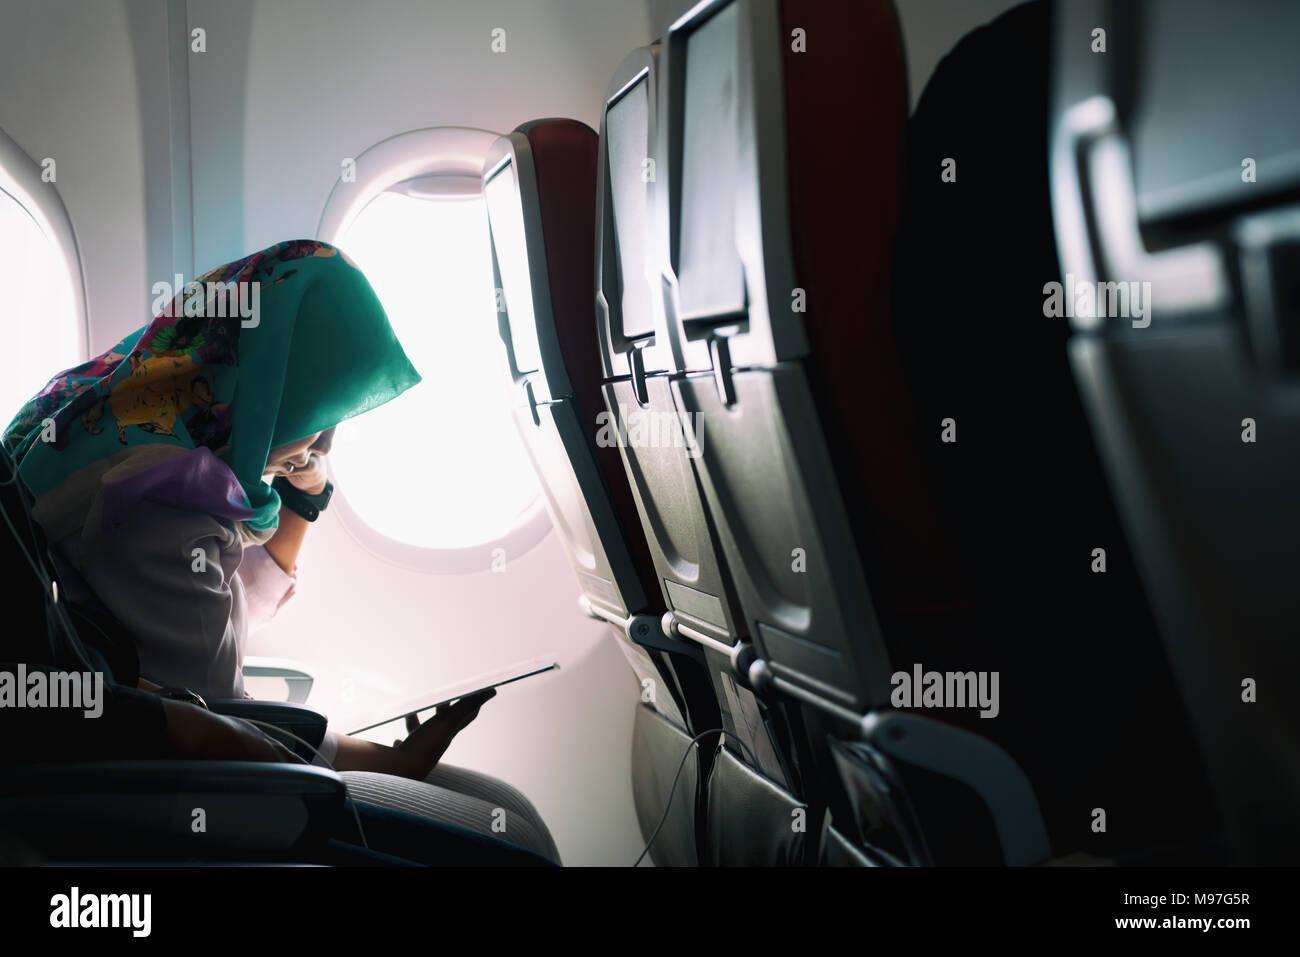 Mujeres Musulmanas solitaria viajando en avión, mientras que la lectura en asientos durante una puesta de sol, de modo ambiente de baja iluminación Foto de stock